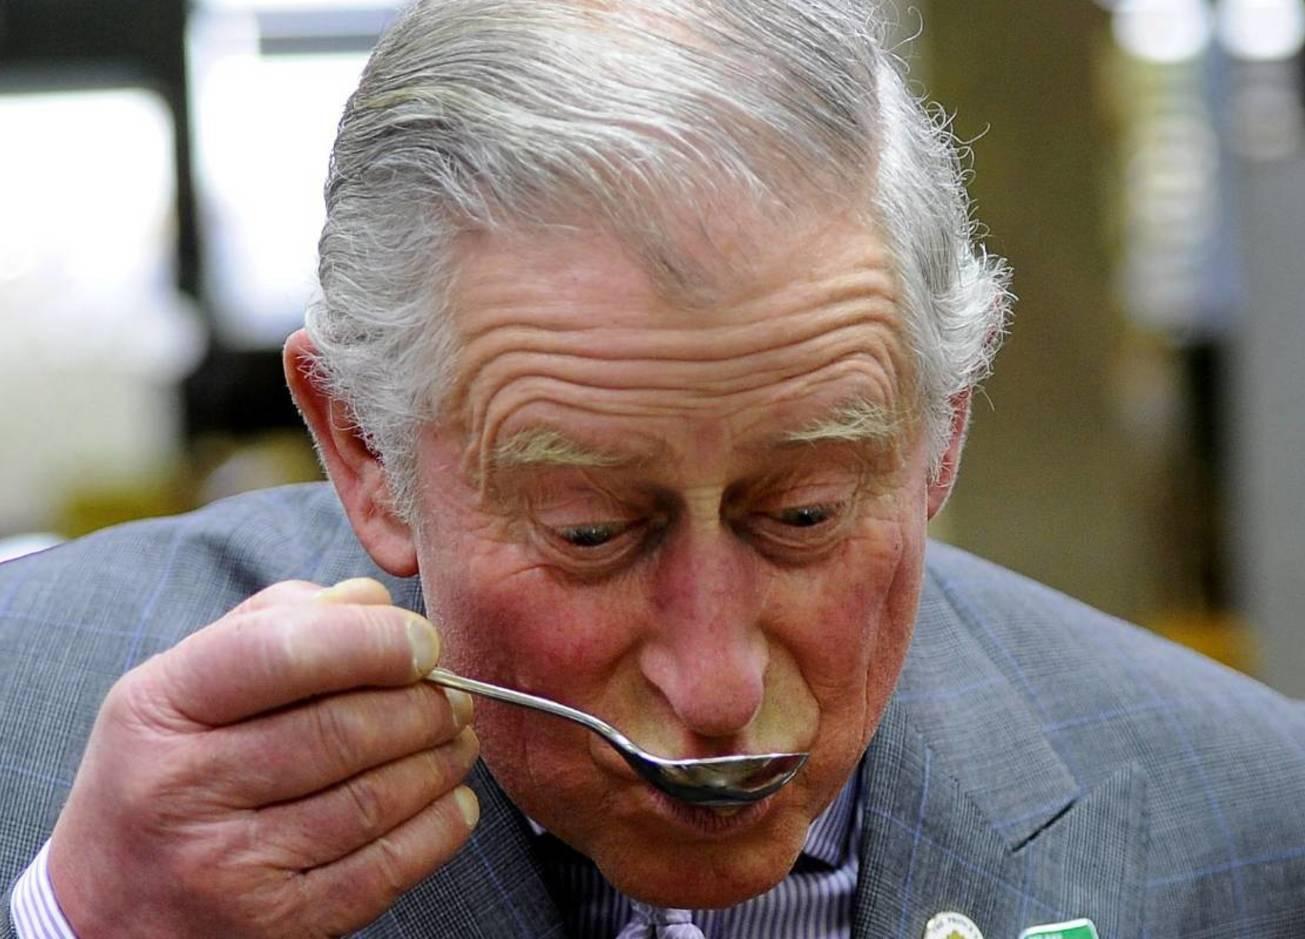 Стейки, фастфуд и салаты: что едят знаменитые мужчины на обед